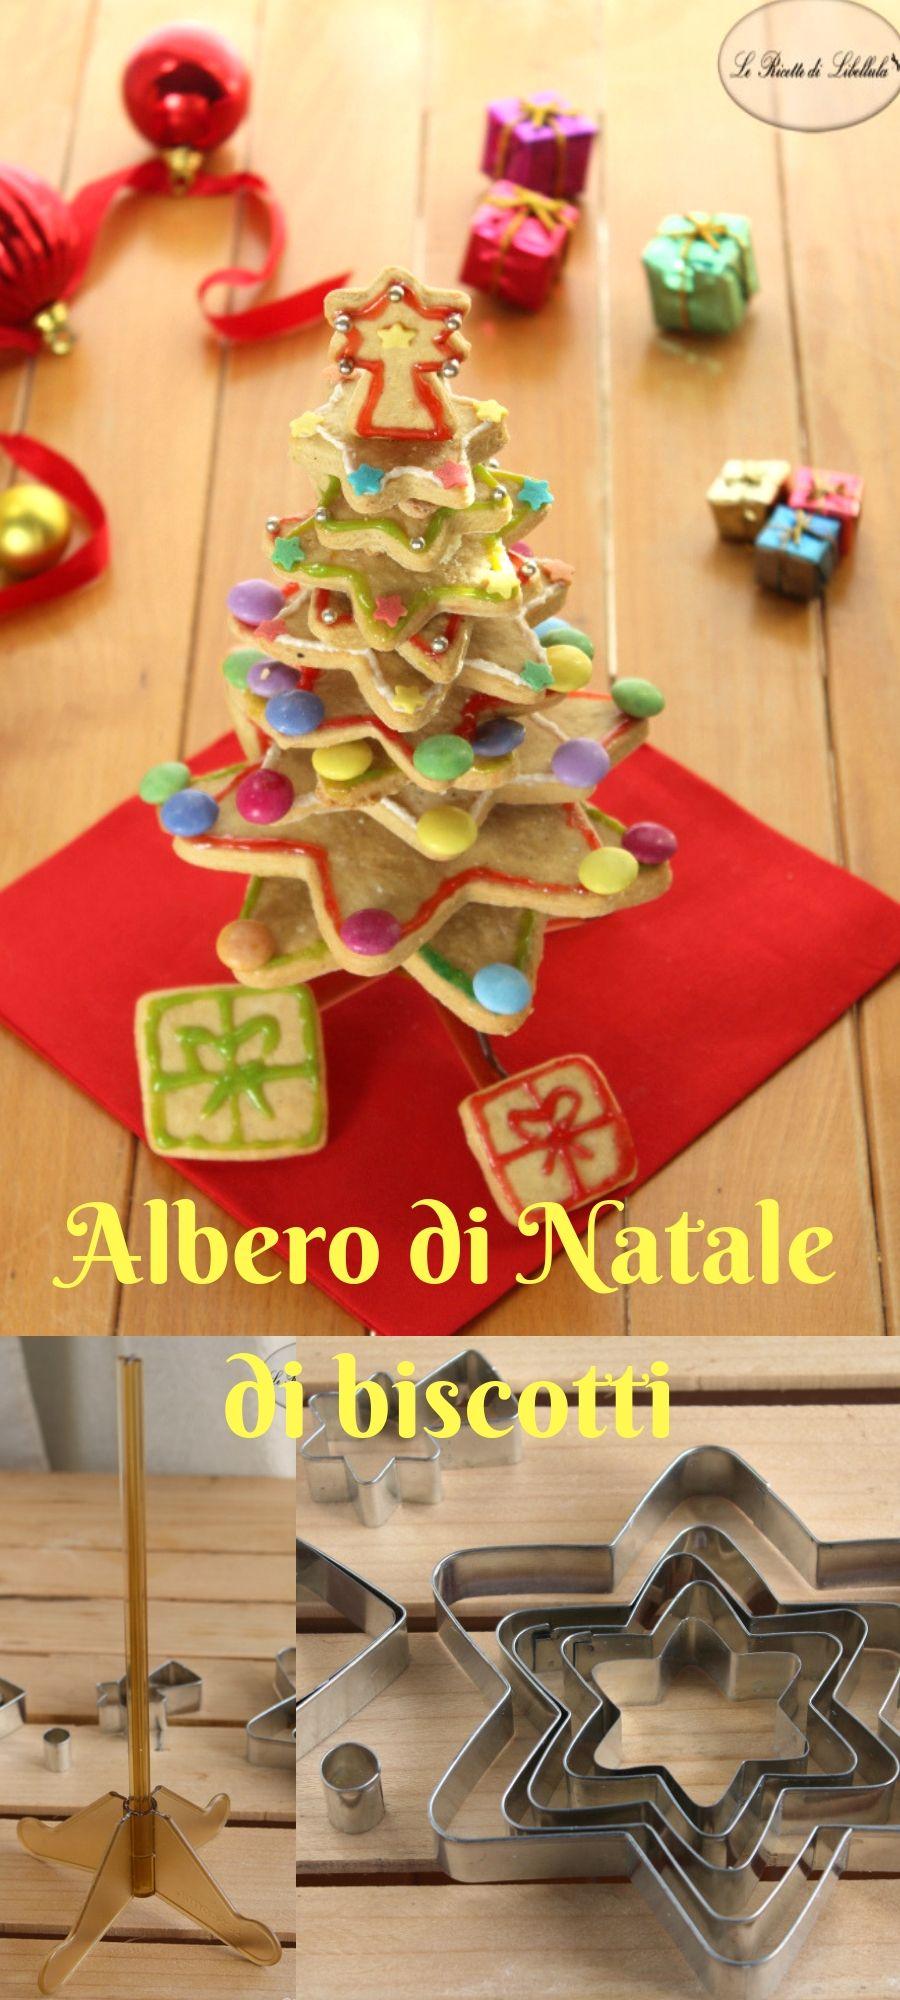 Albero Di Natale Di Biscotti.Albero Di Natale Di Biscotti Ricetta Alimenti Di Natale Ricette Natale